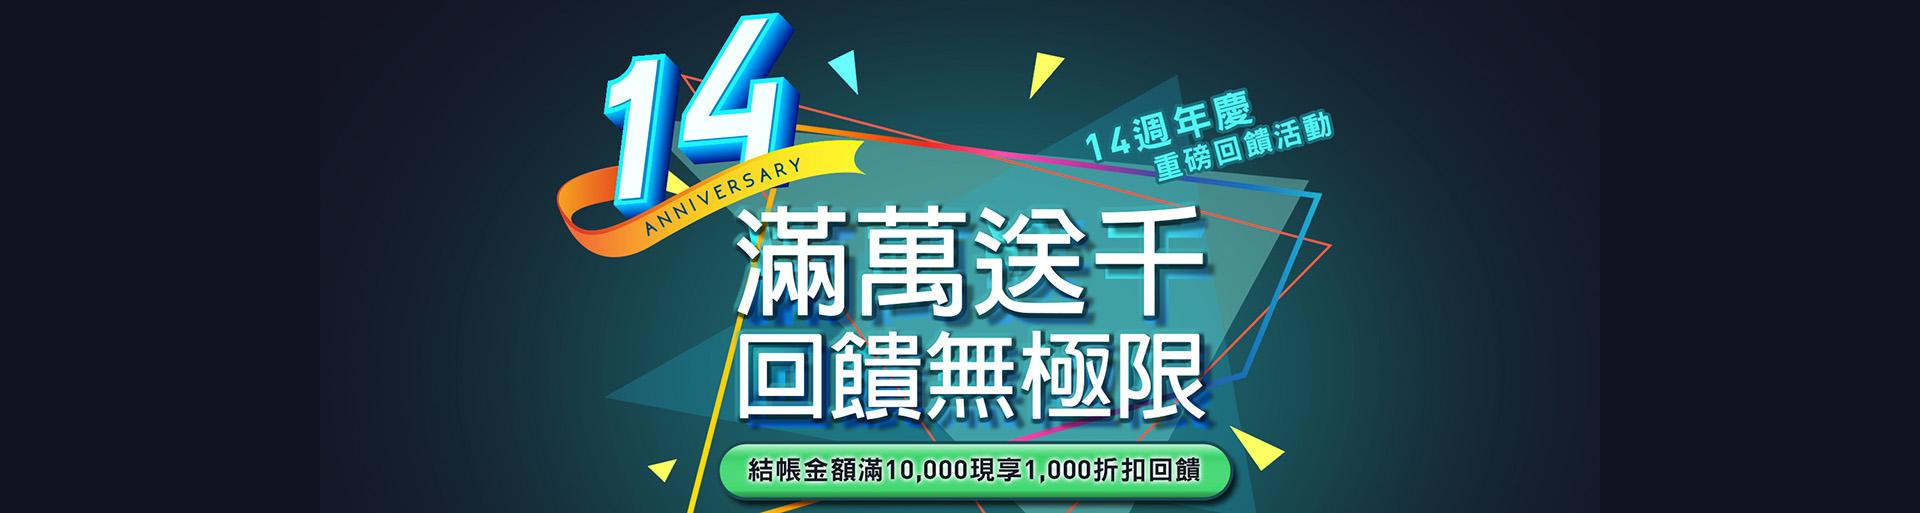 14周年慶-PC版_加寬_20191025_02